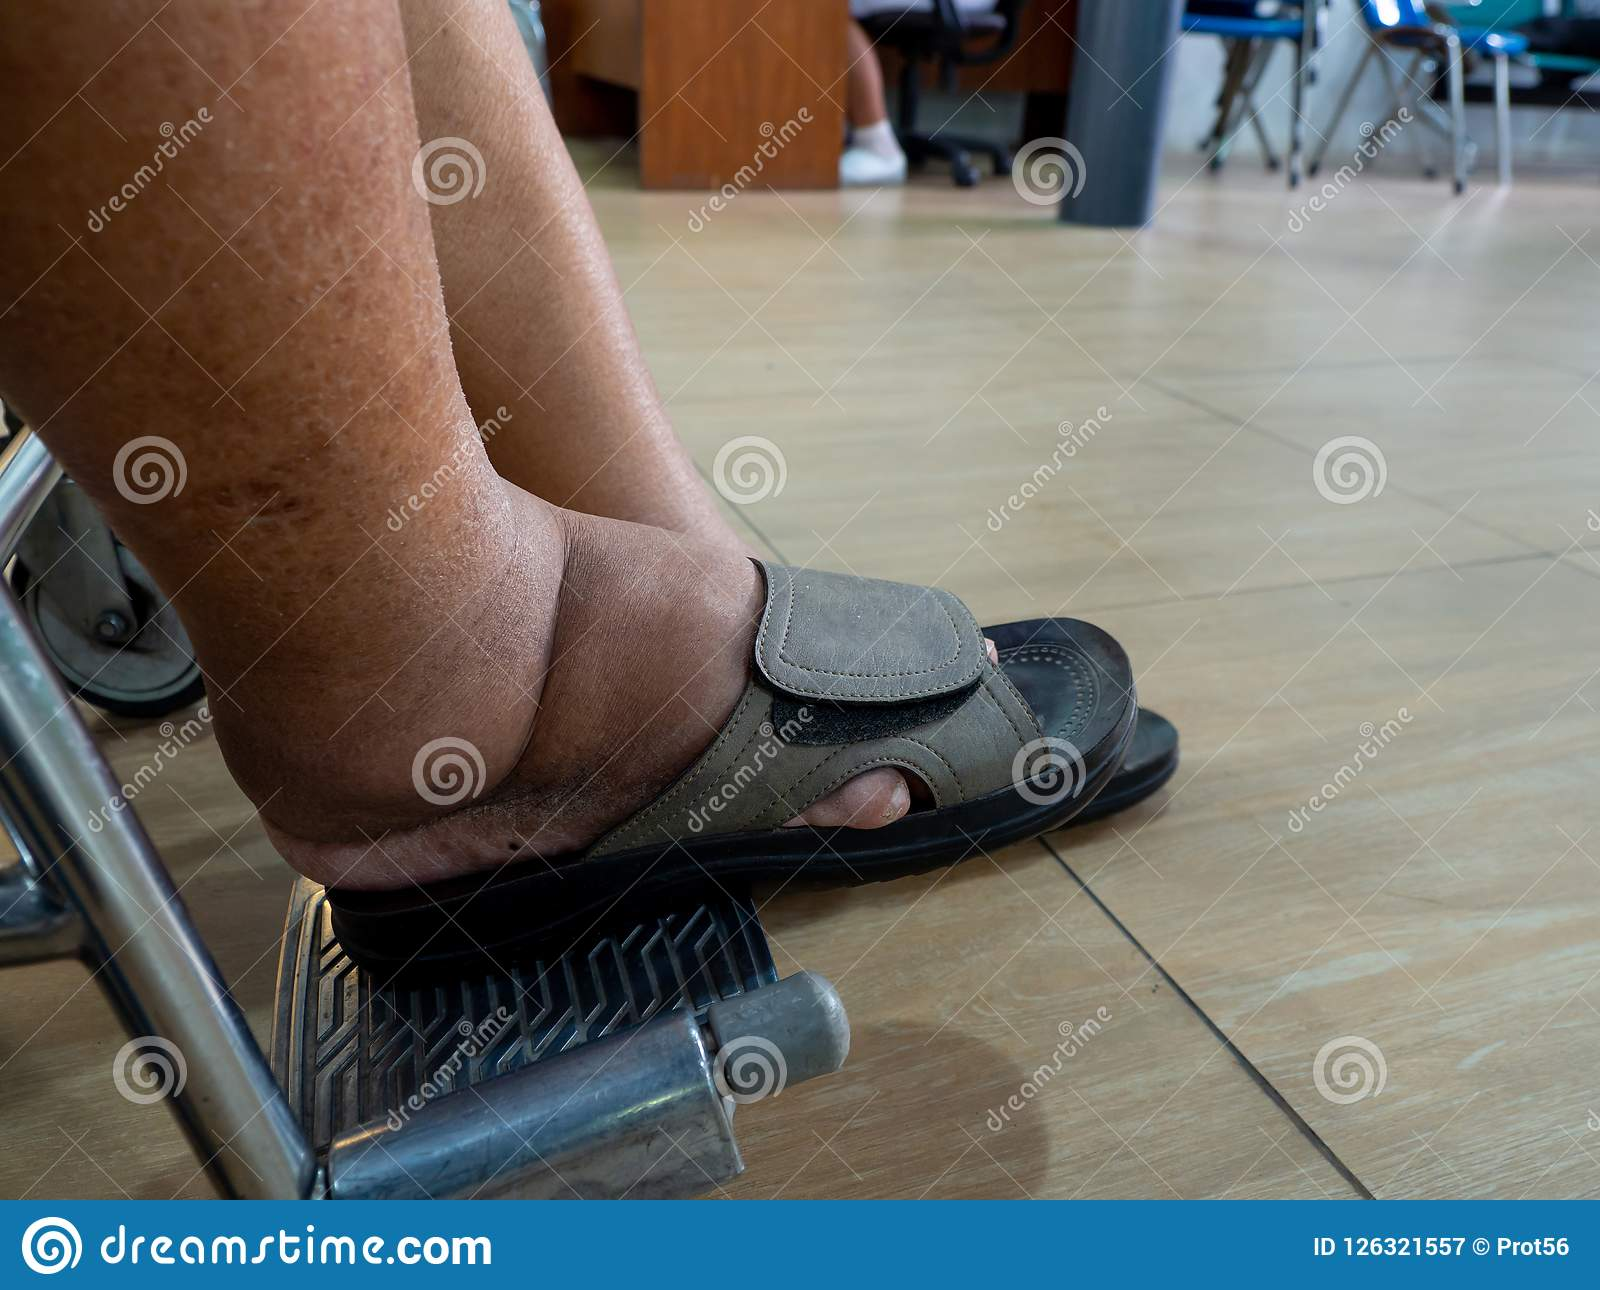 diabetes pies hinchados riñón